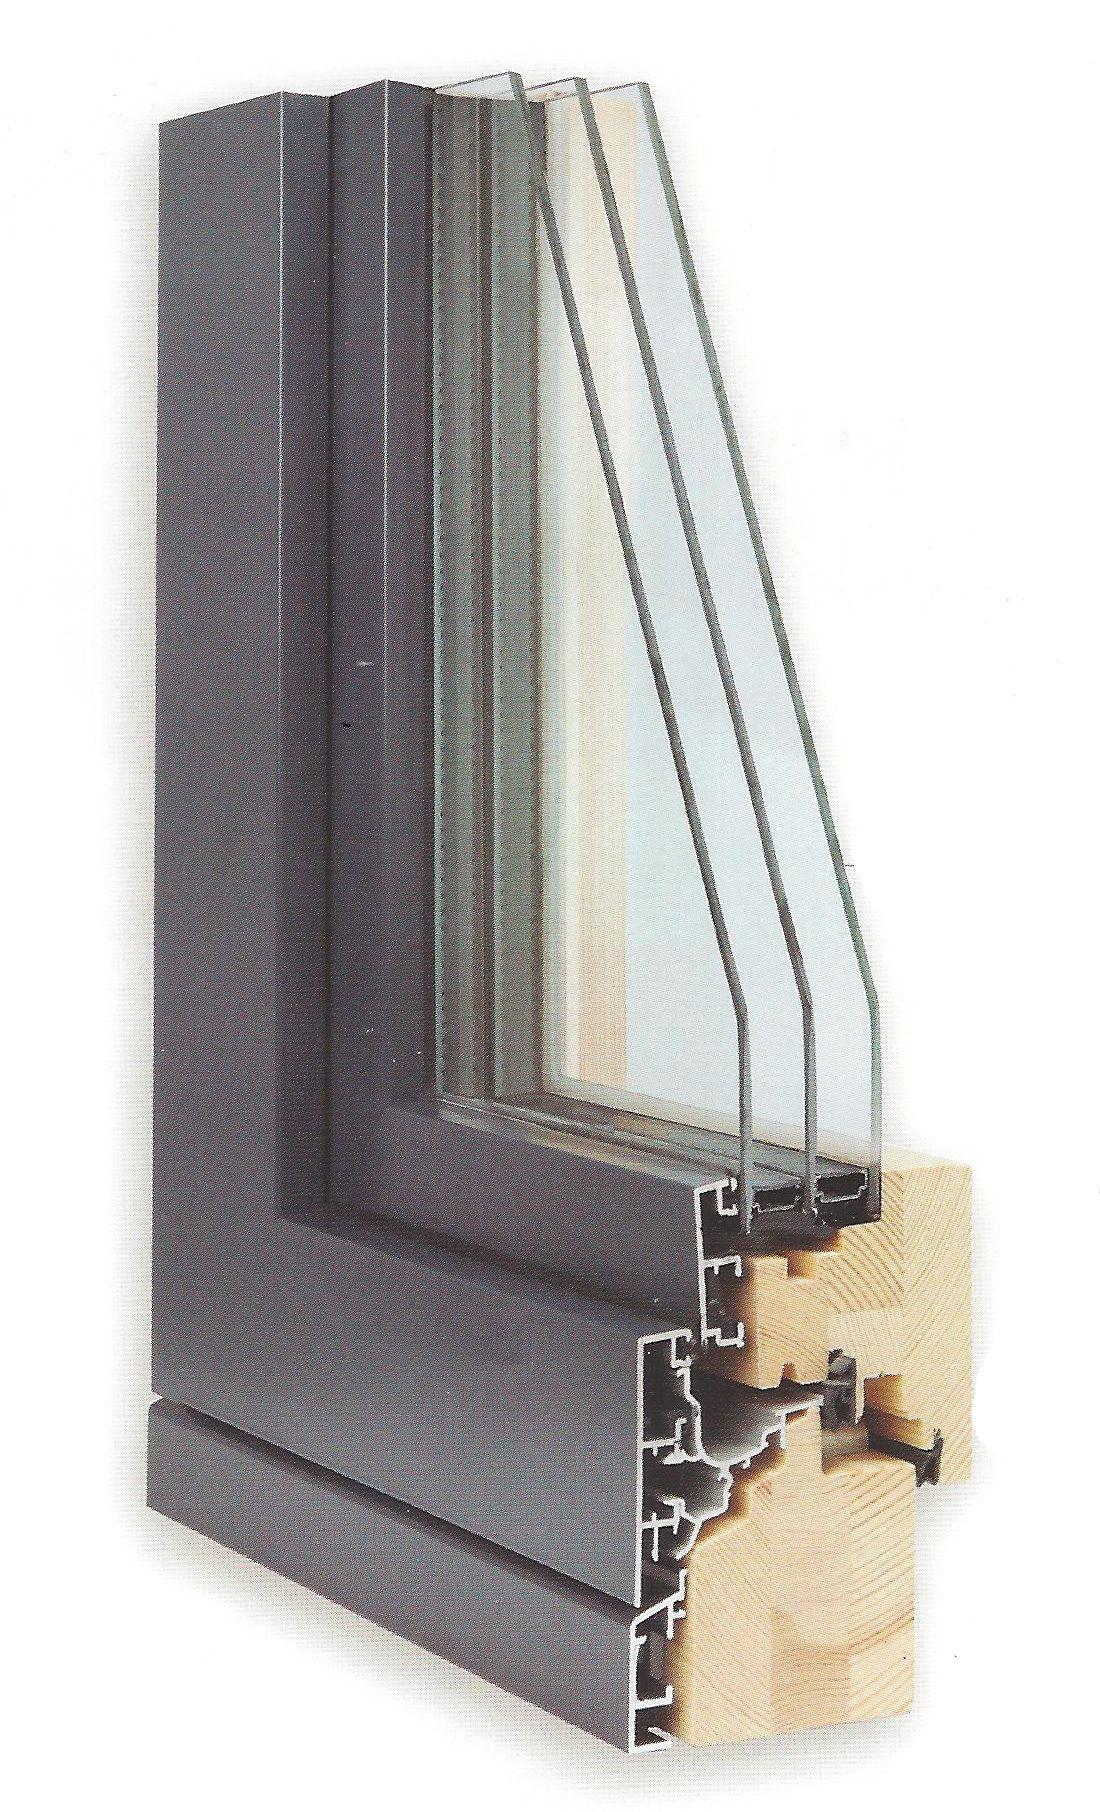 Souvent Fenêtre bois, bois/alu et alu - Kenzai YQ21